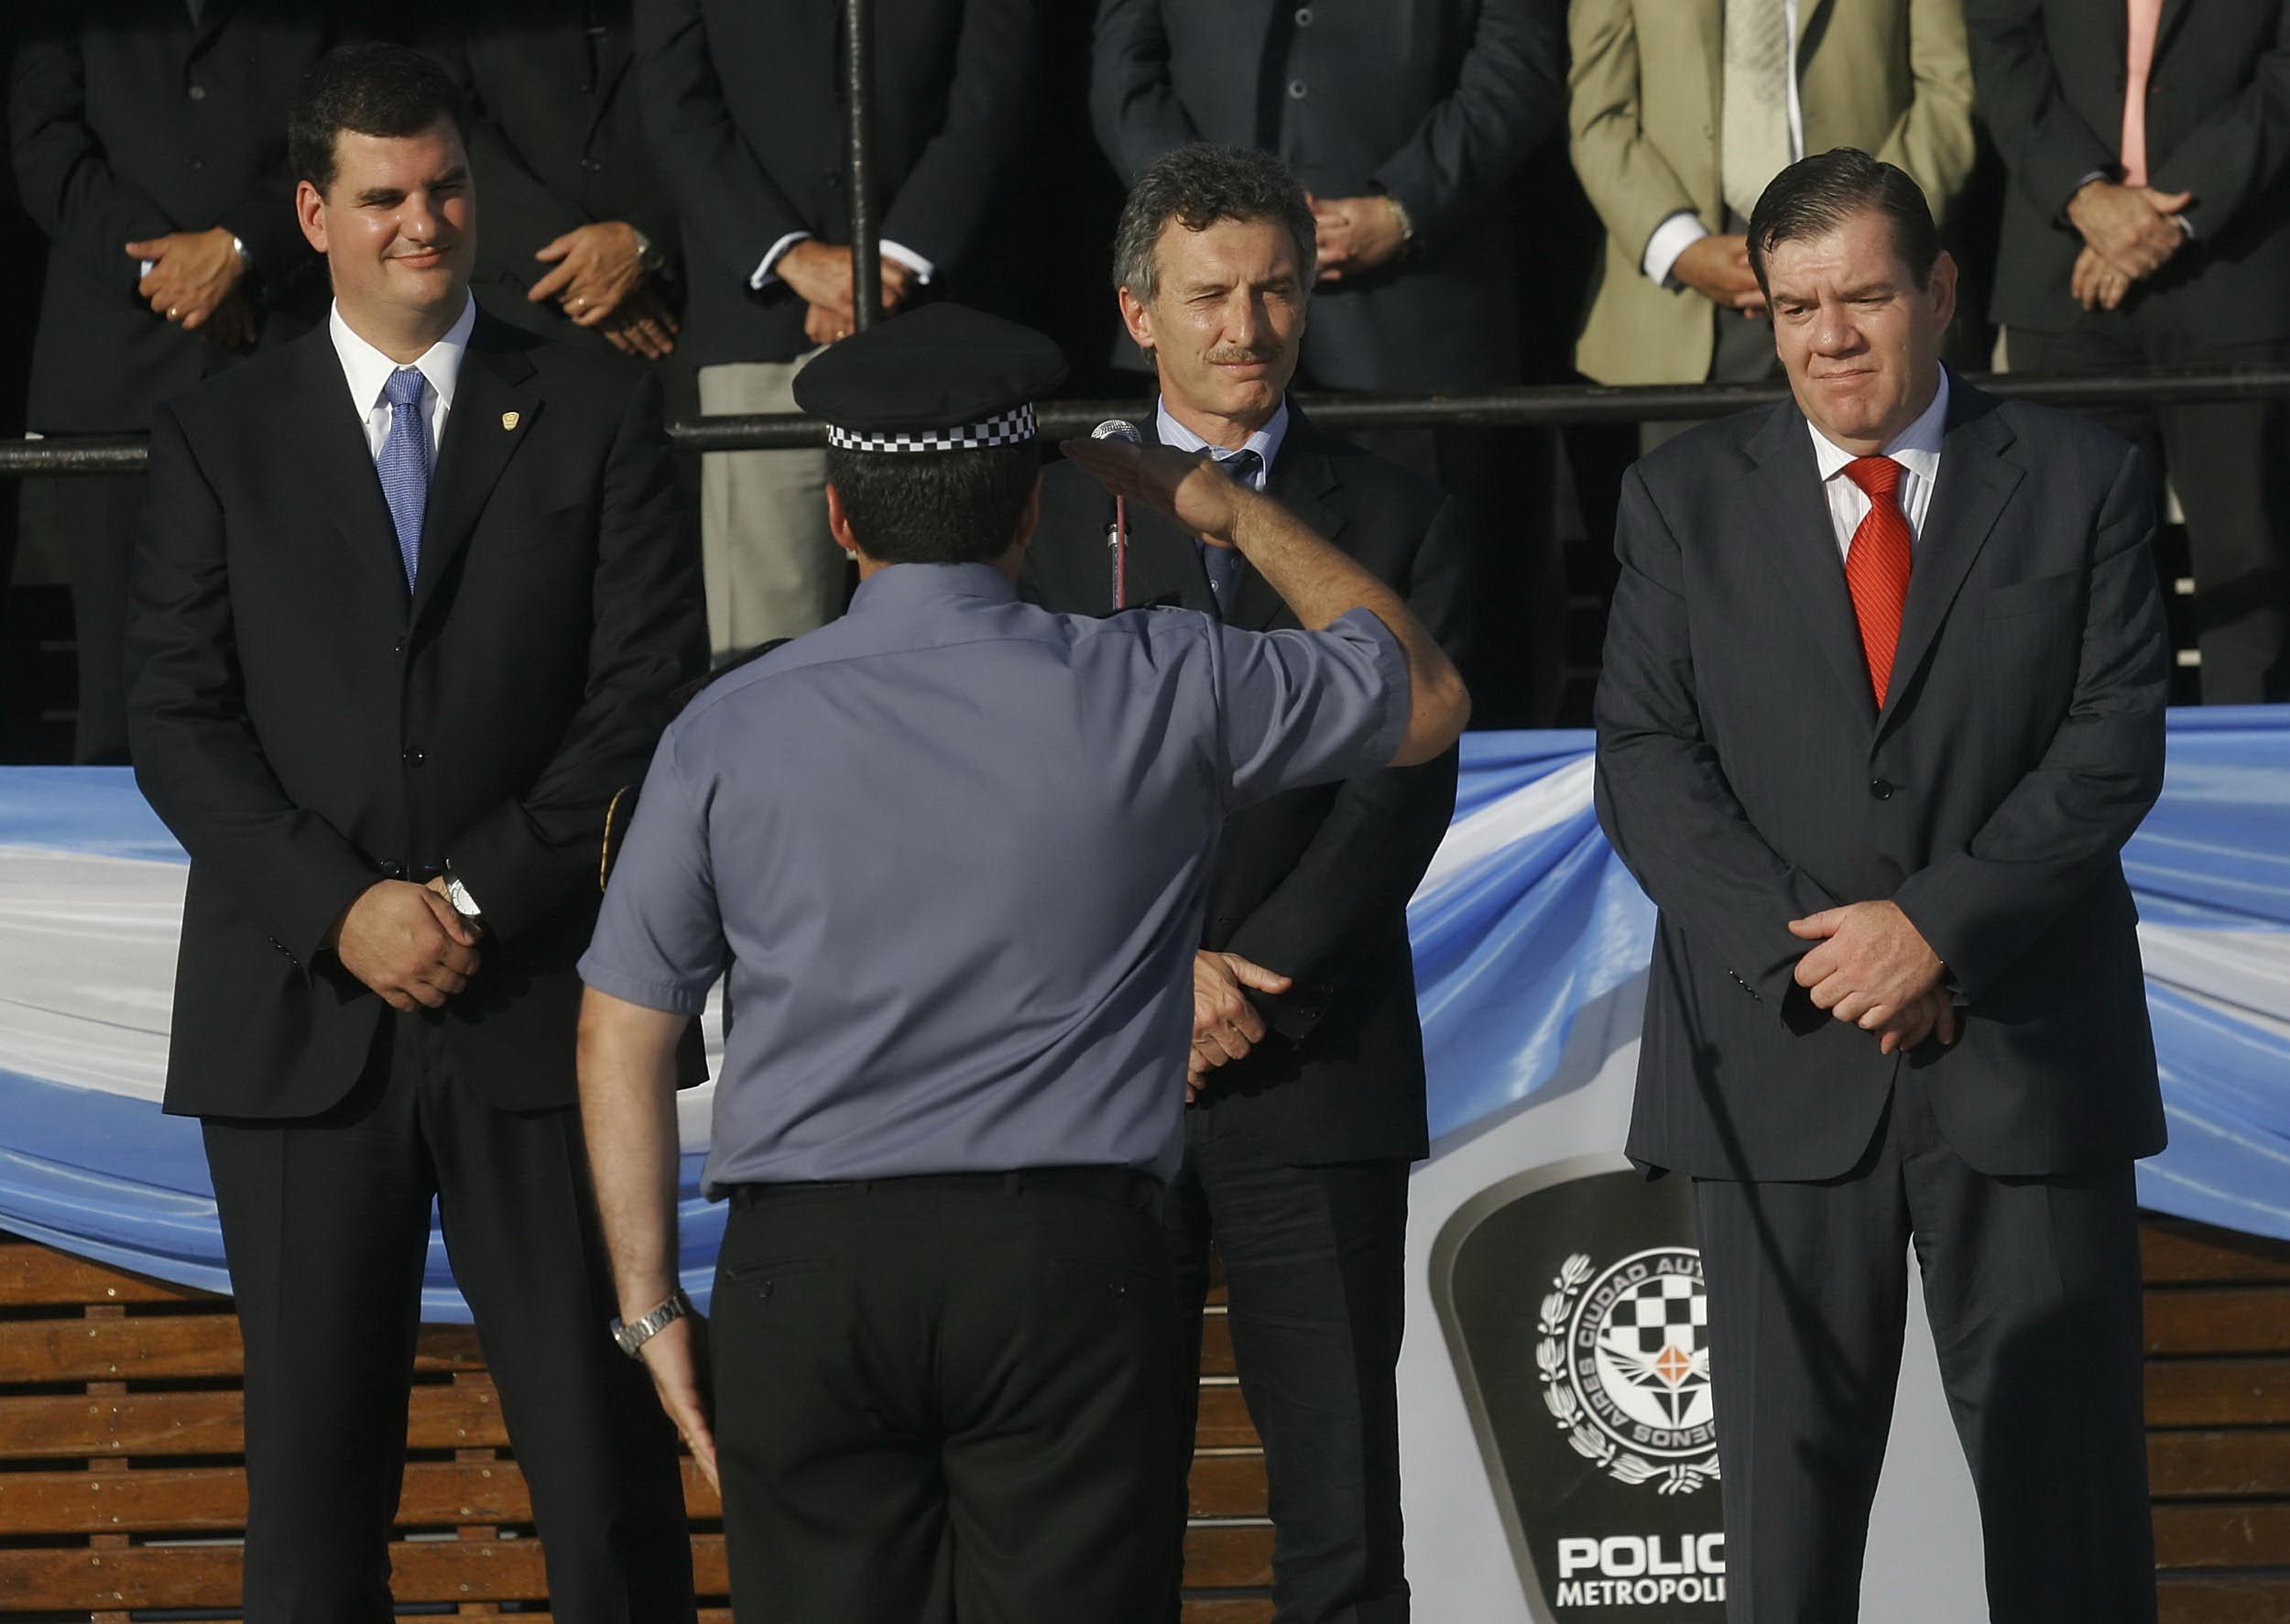 PRESENTACION DE LA PRIMERA CAMADA DE AGENTES Y OFICIALES DE LA POLICIA METROPOLITANA. EL JEFE DE GOBIERNO PORTEÑO MAURICIO MACRI JUNTO AL MINISTRO DE SEGURIDAD, GUILLERMO MONTENEGRO Y EL JEFE DE LA NUEVA FUERZA, EUGENIO BURZACO; PARTICIPARON  ESTA TARDE EN  LA CEREMONIA DE LANZAMIENTO DE LA  FUERZA QUE ESTARA EN LA CALLE A PRINCIPIOS DE 2010